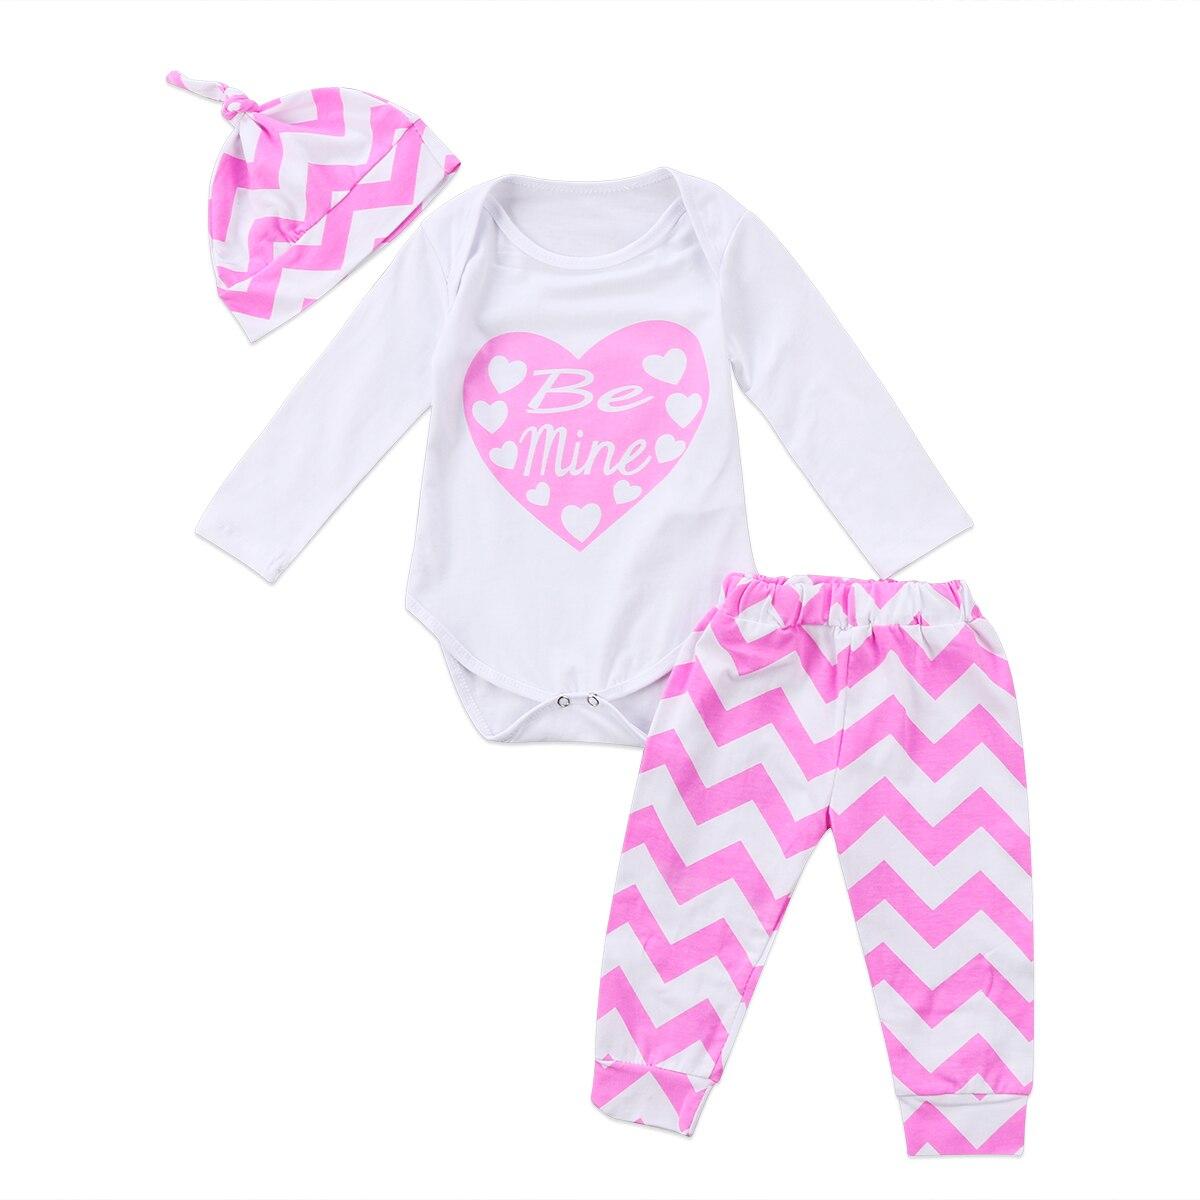 Acquista A Buon Mercato Pudcoco Vestiti Neonata Sveglia Toddler Infant Baby Girl Pink A Forma Di Cuore Pagliaccetto A Strisce Pantaloni Cappello 3 Pz Vestiti Di Autunno Vestito Set Attivando La Circolazione Sanguigna E Rafforzando I Tendini E Le Ossa